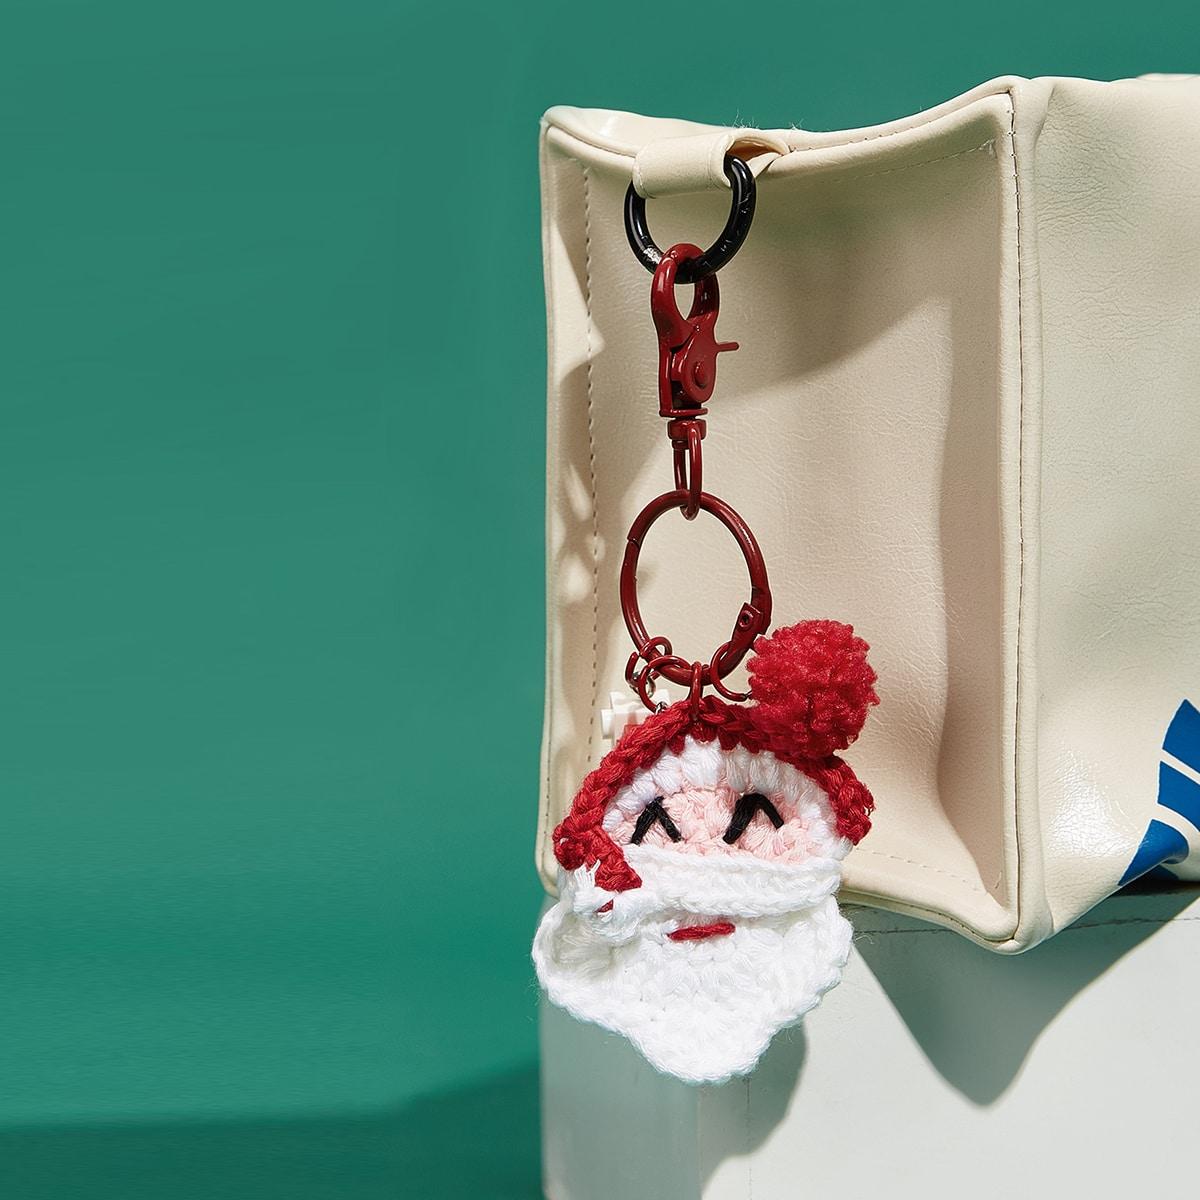 Рождество подвеска для сумки в форме деда мороза